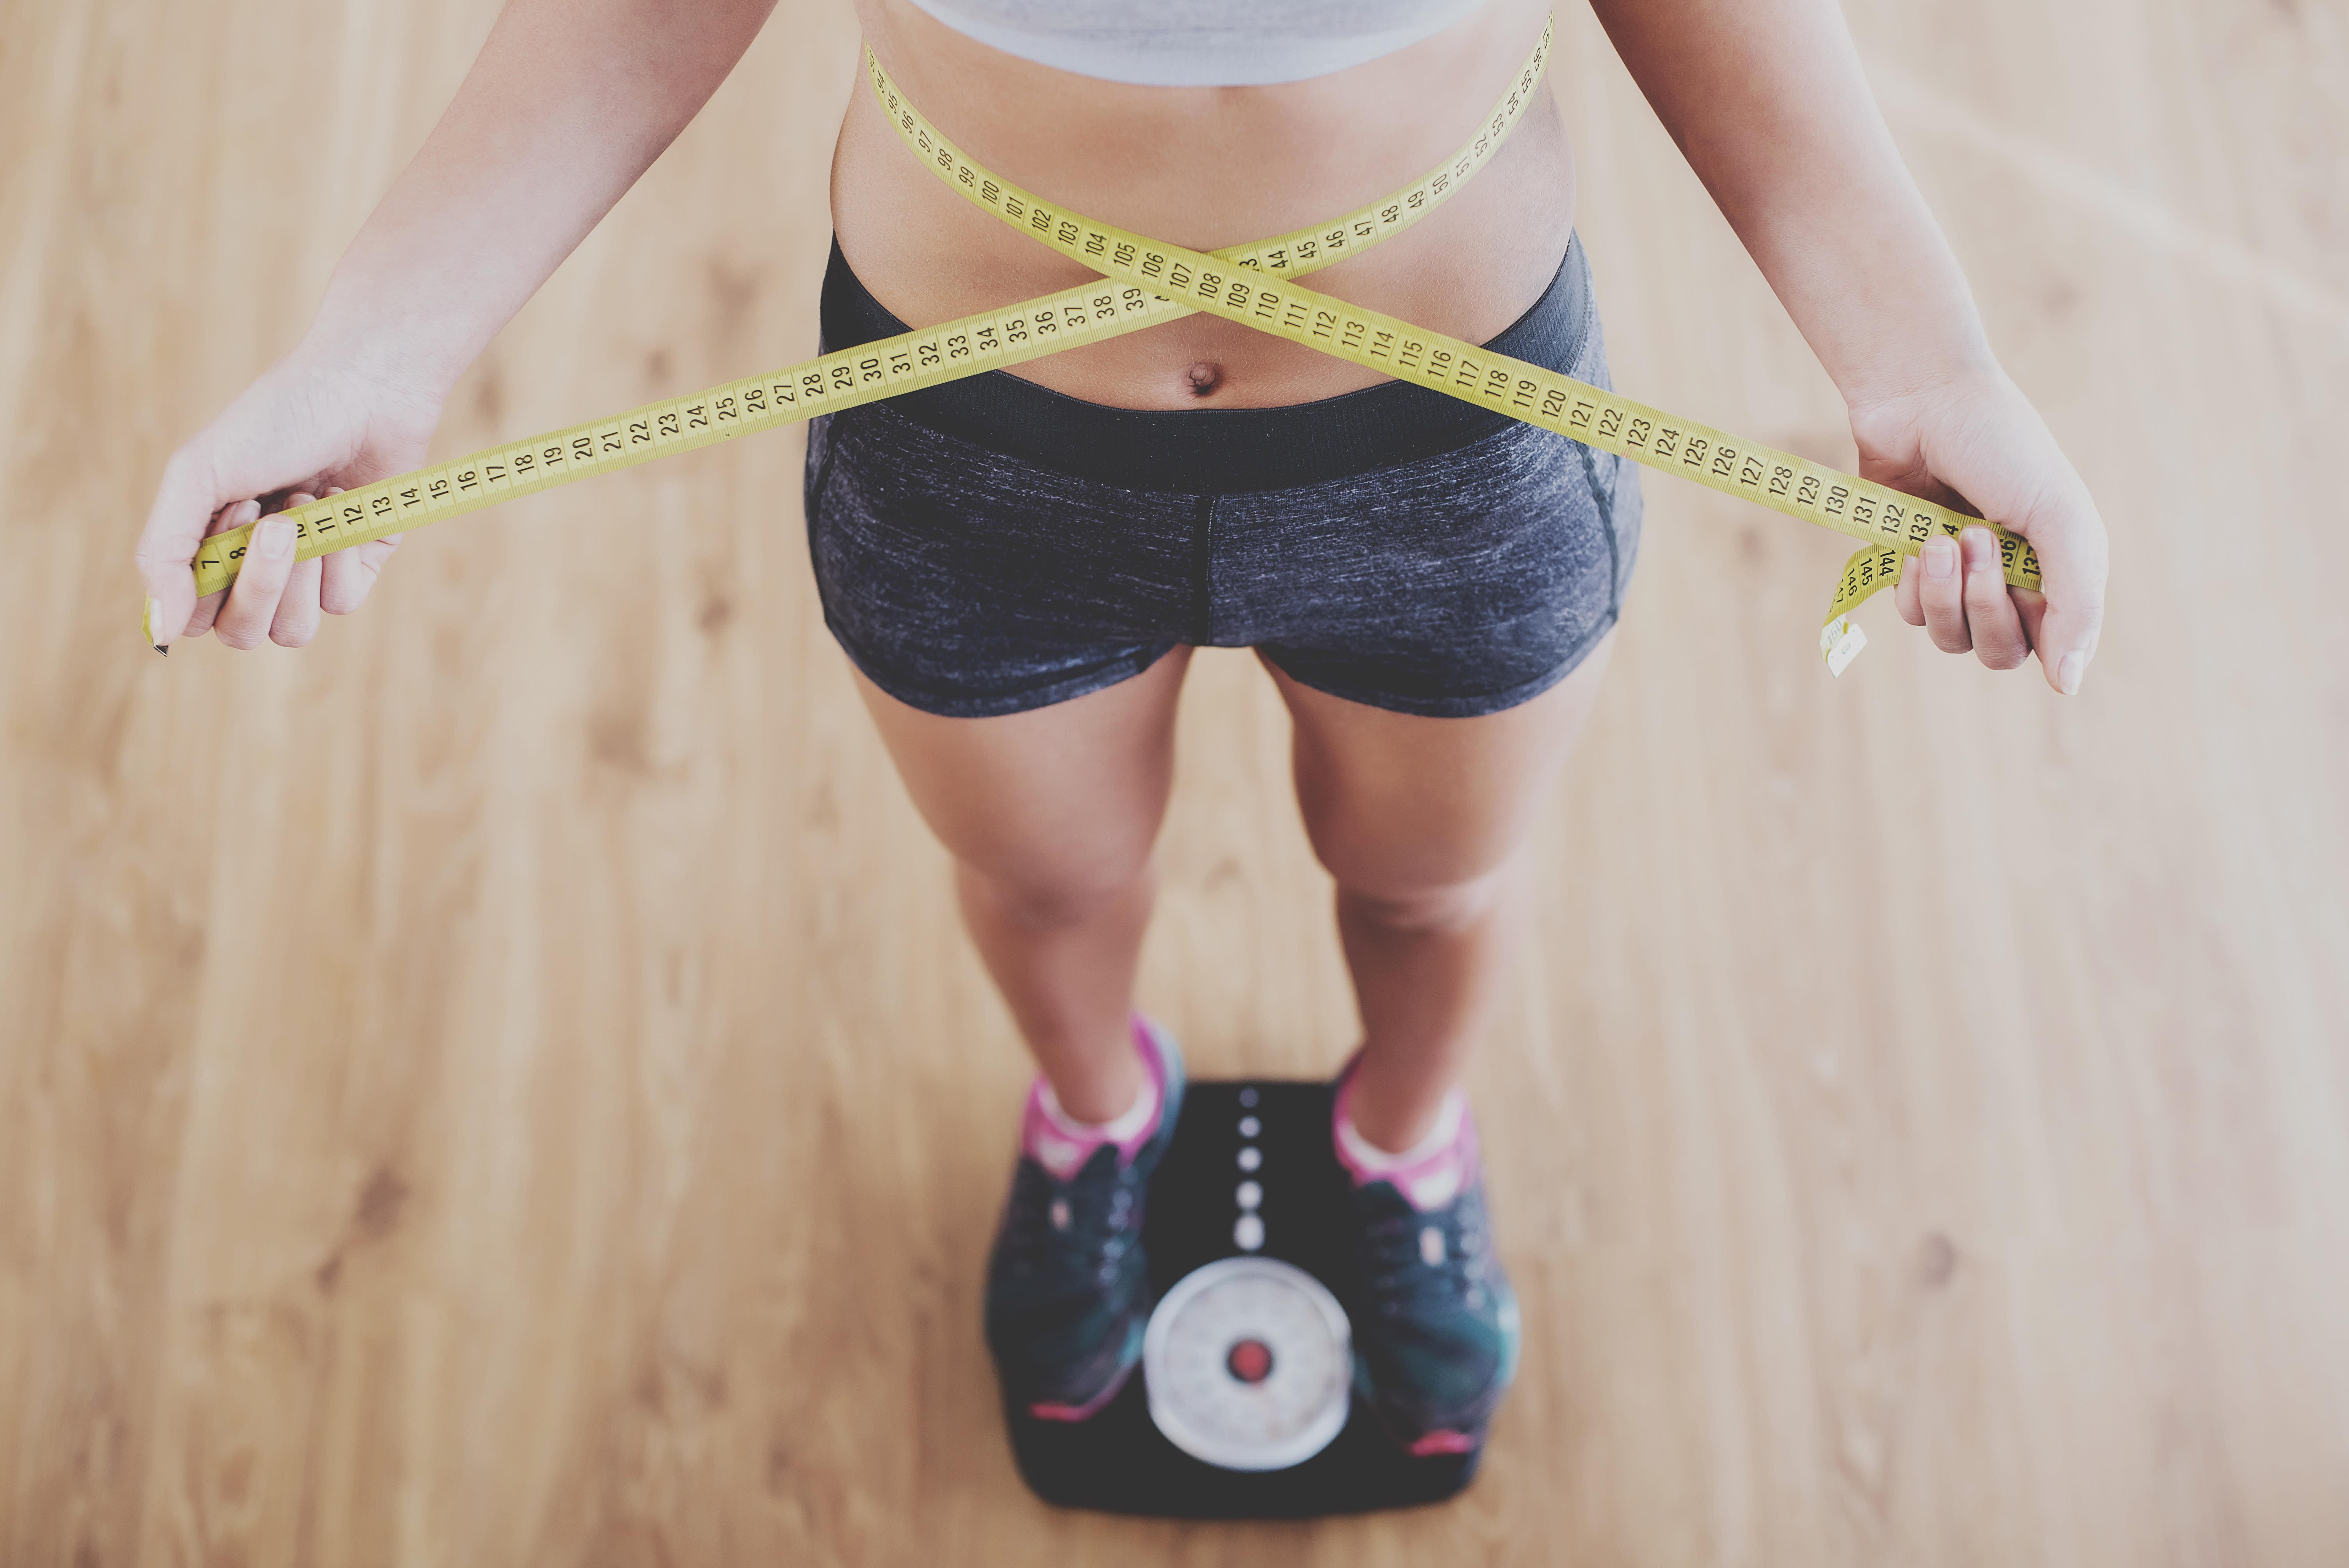 Adelgazar online: Las 5 mejores Apps para perder peso rápido